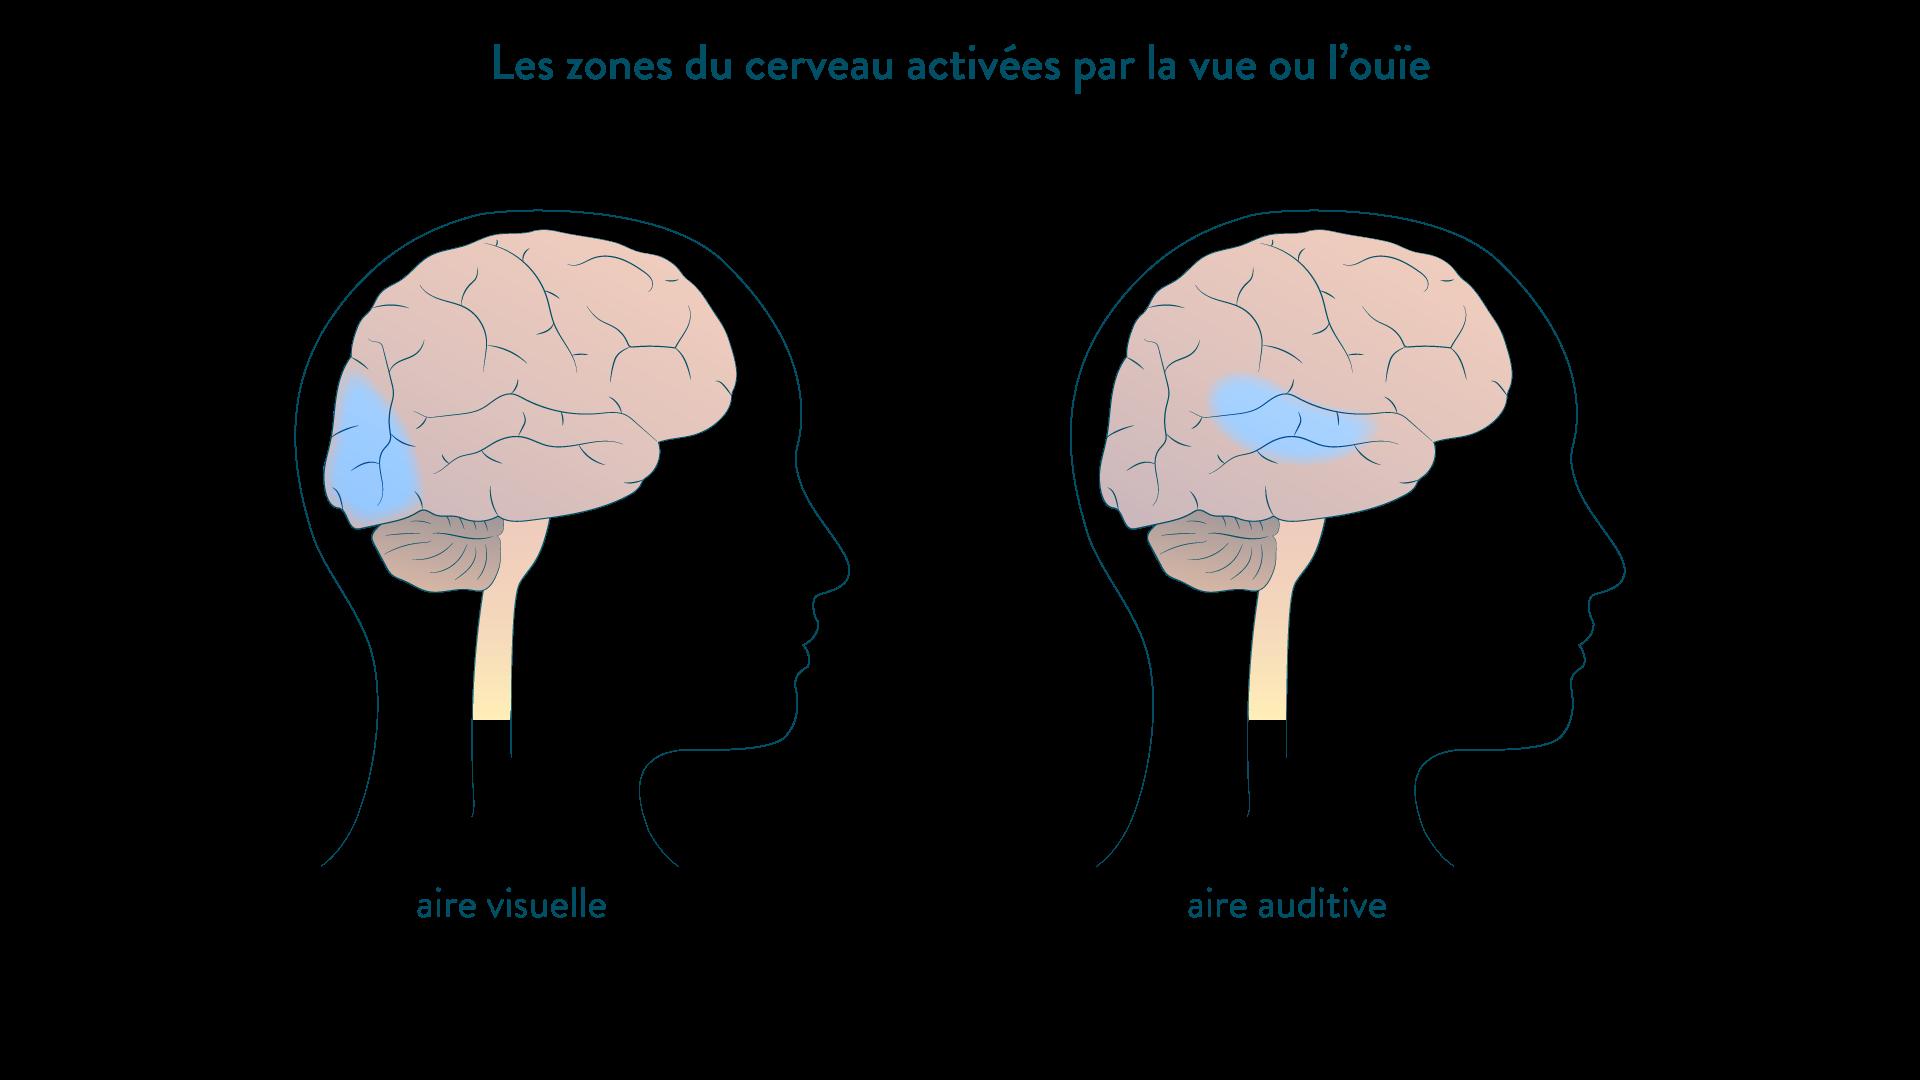 Zones du cerveau activées après la perception d'un élément de l'environnement par la vue ou par l'ouïe